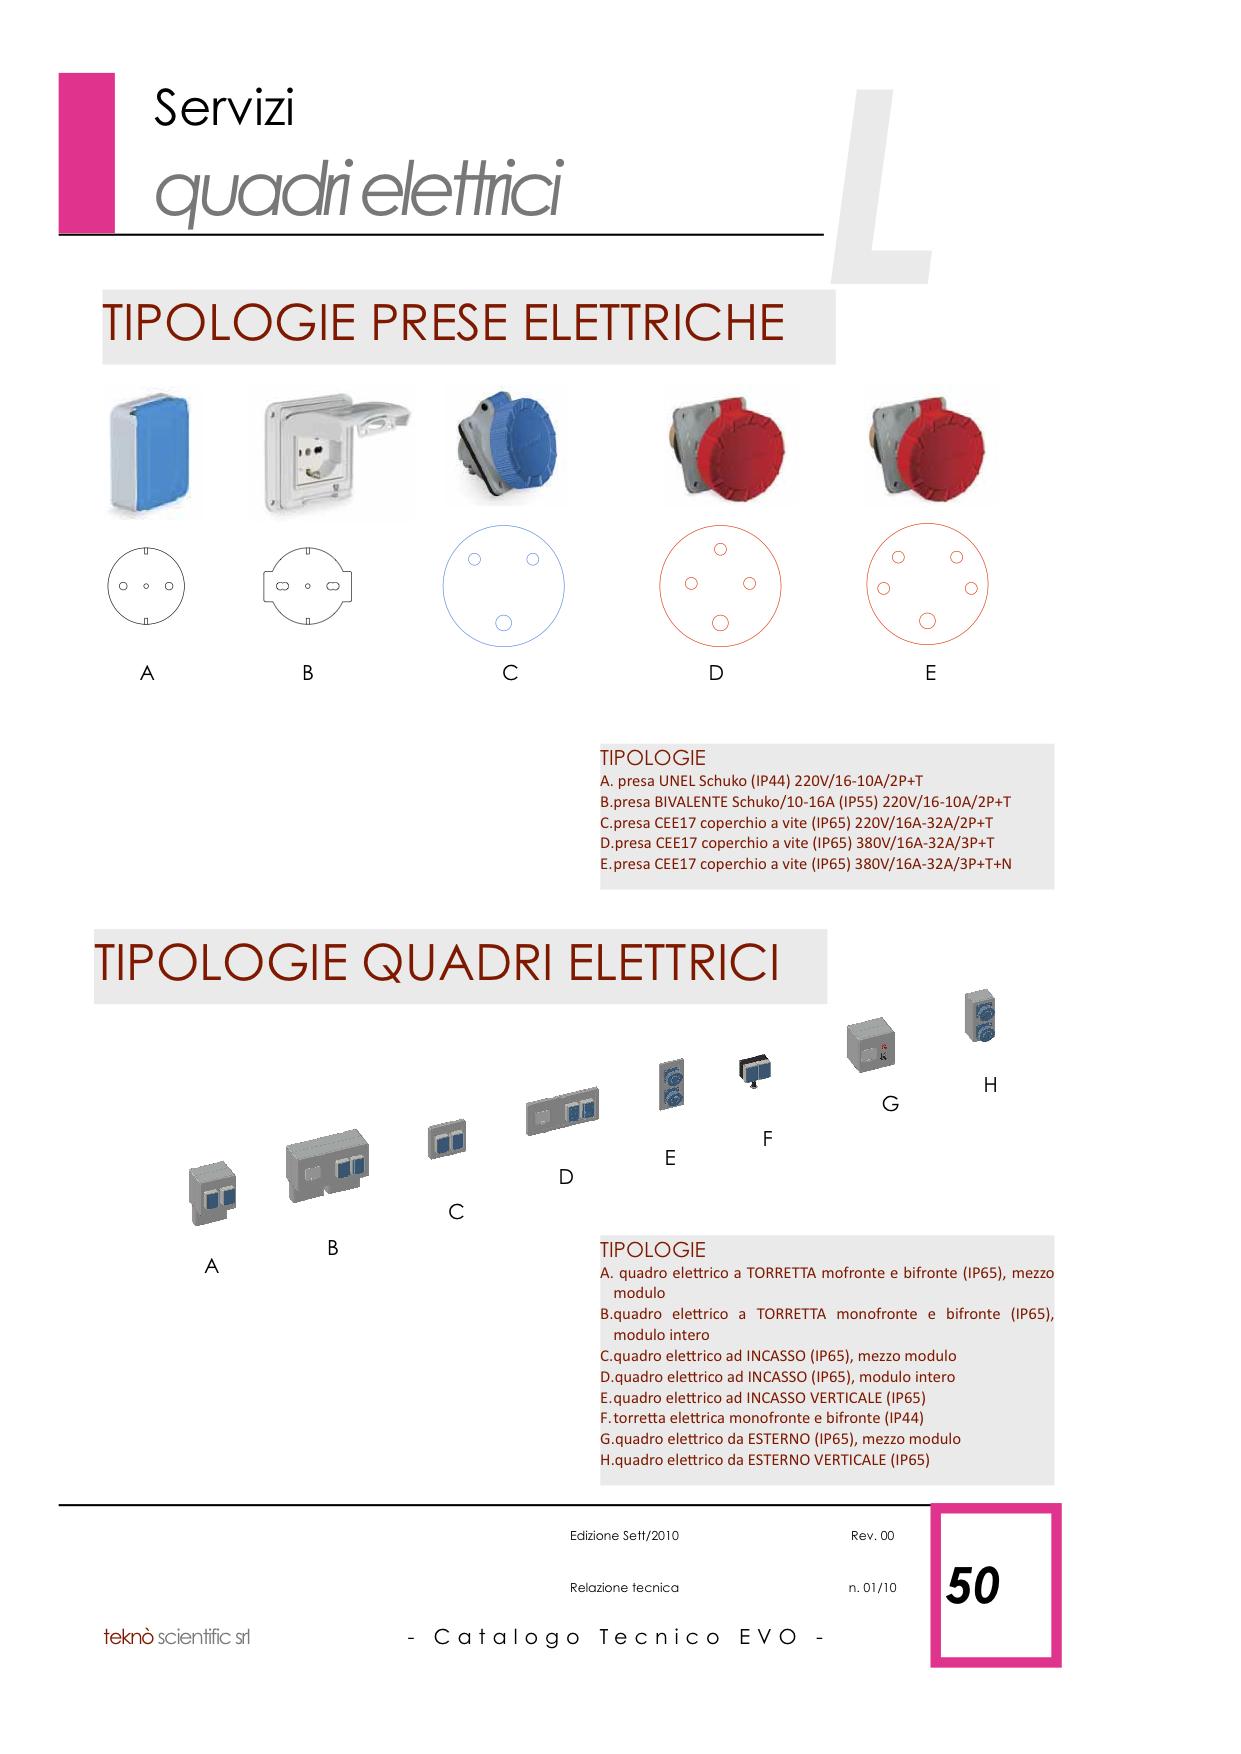 EVO Catalogo Tecnico Generale copia 50.png